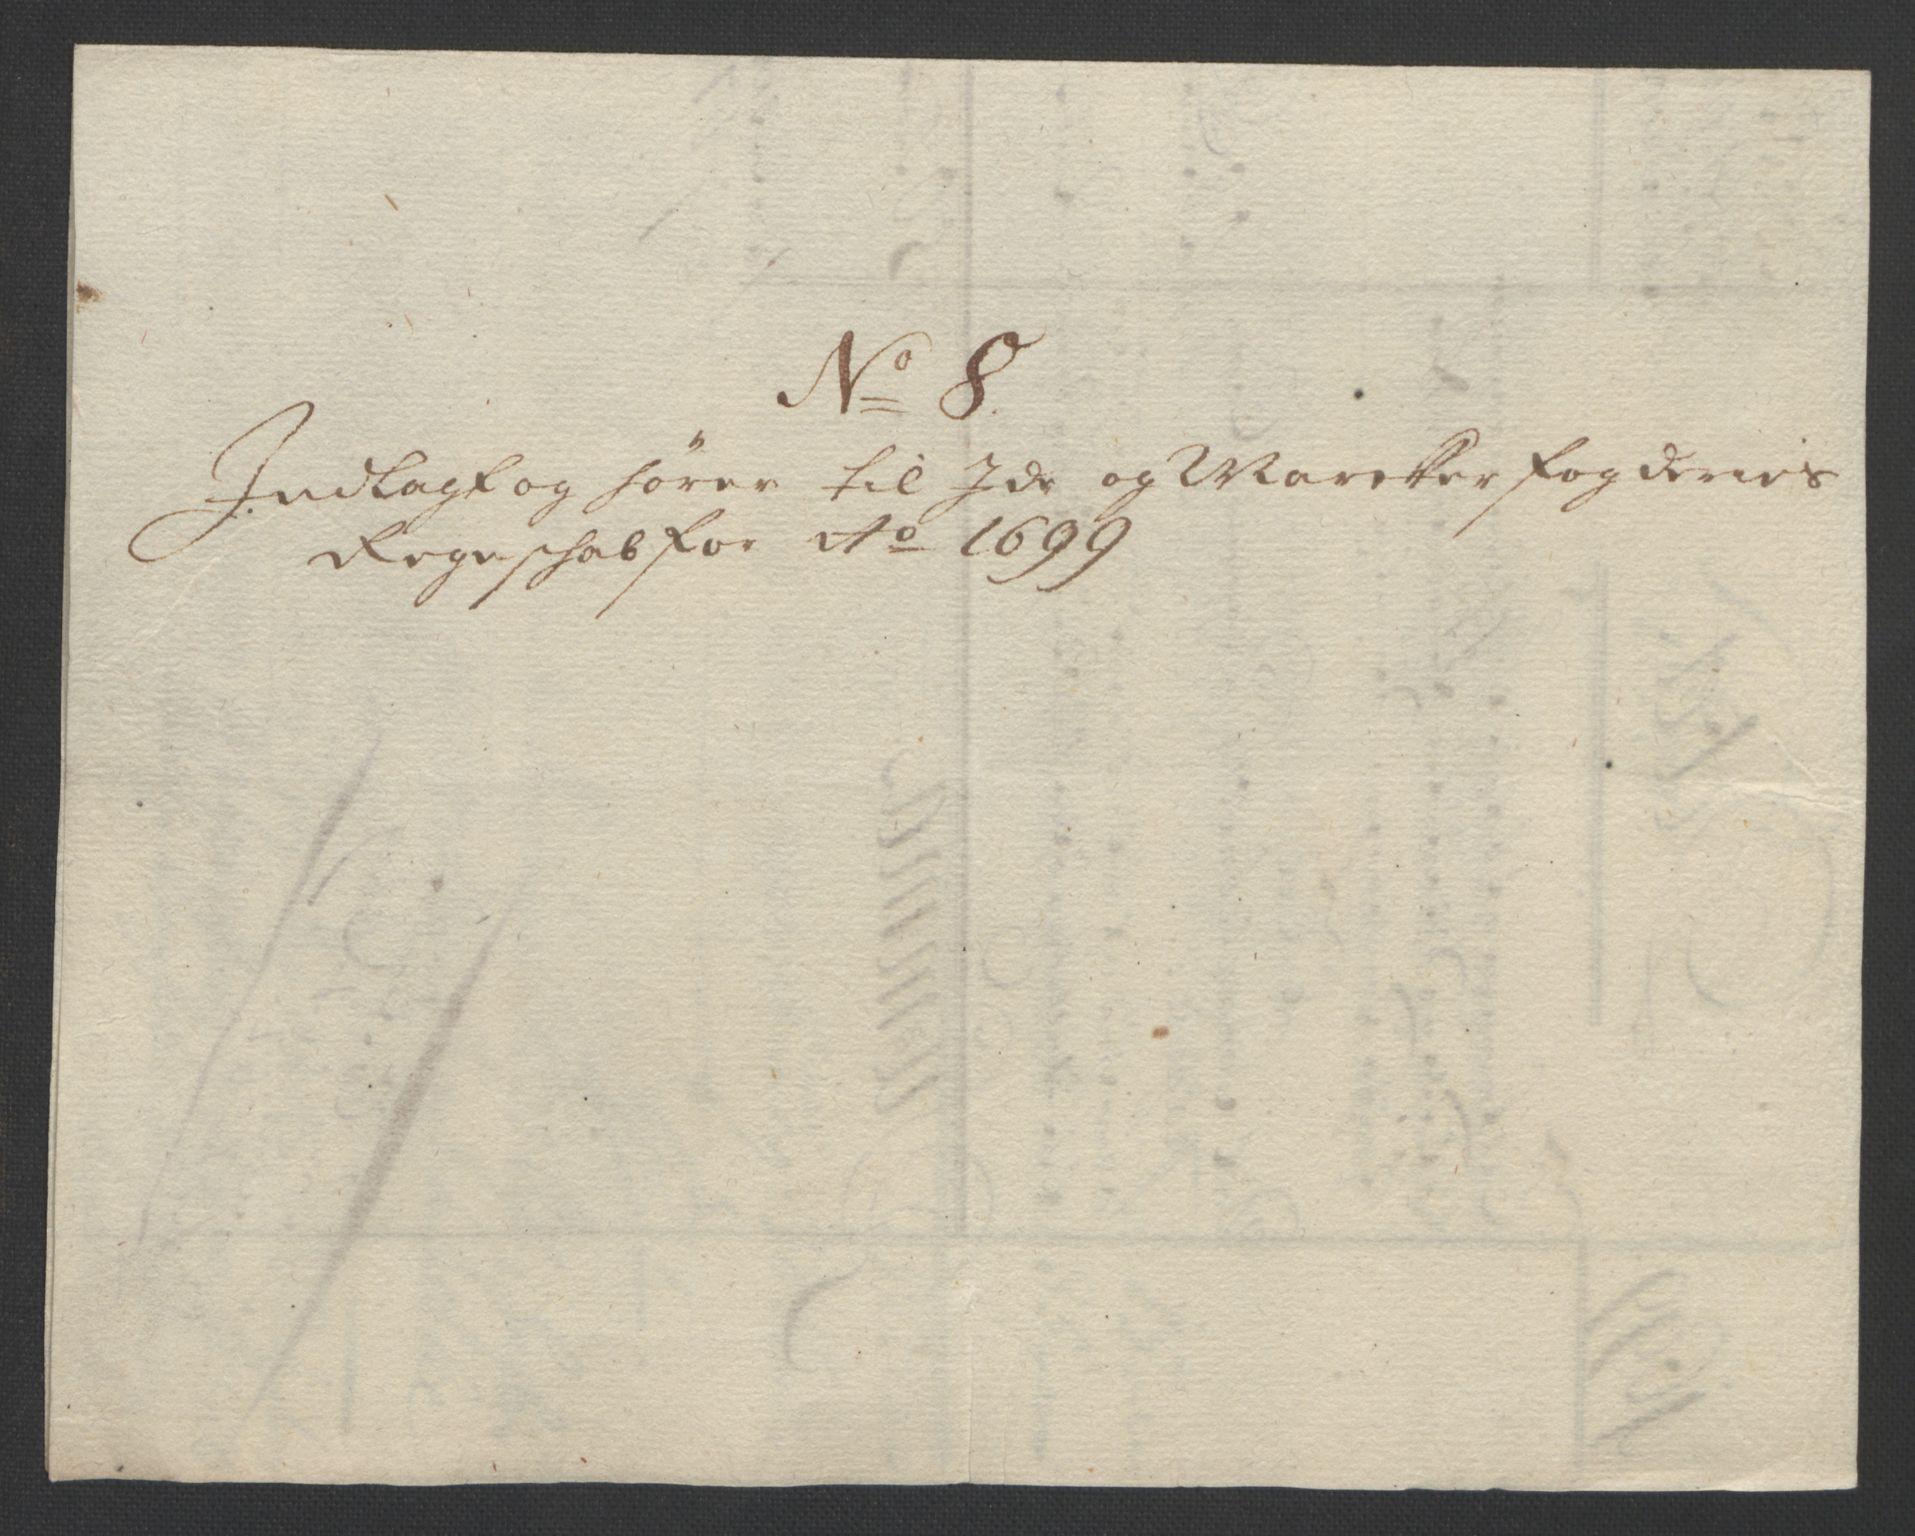 RA, Rentekammeret inntil 1814, Reviderte regnskaper, Fogderegnskap, R01/L0014: Fogderegnskap Idd og Marker, 1699, s. 129